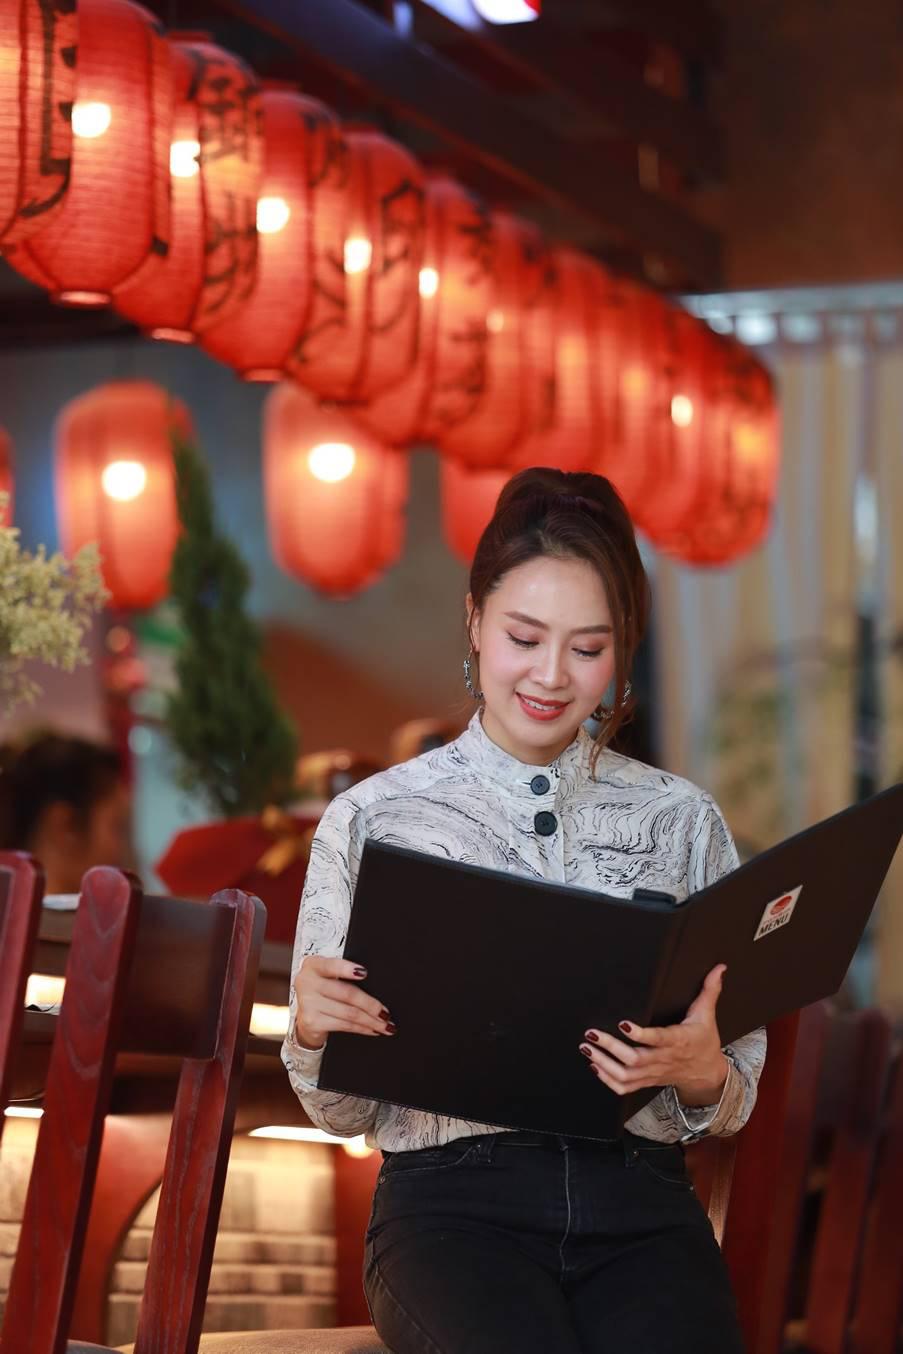 Thực hư chuyện Diễn viên Hồng Diễm - Bà chủ của nhà hàng Fujibin từ trong phim thành hiện thực - Ảnh 8.